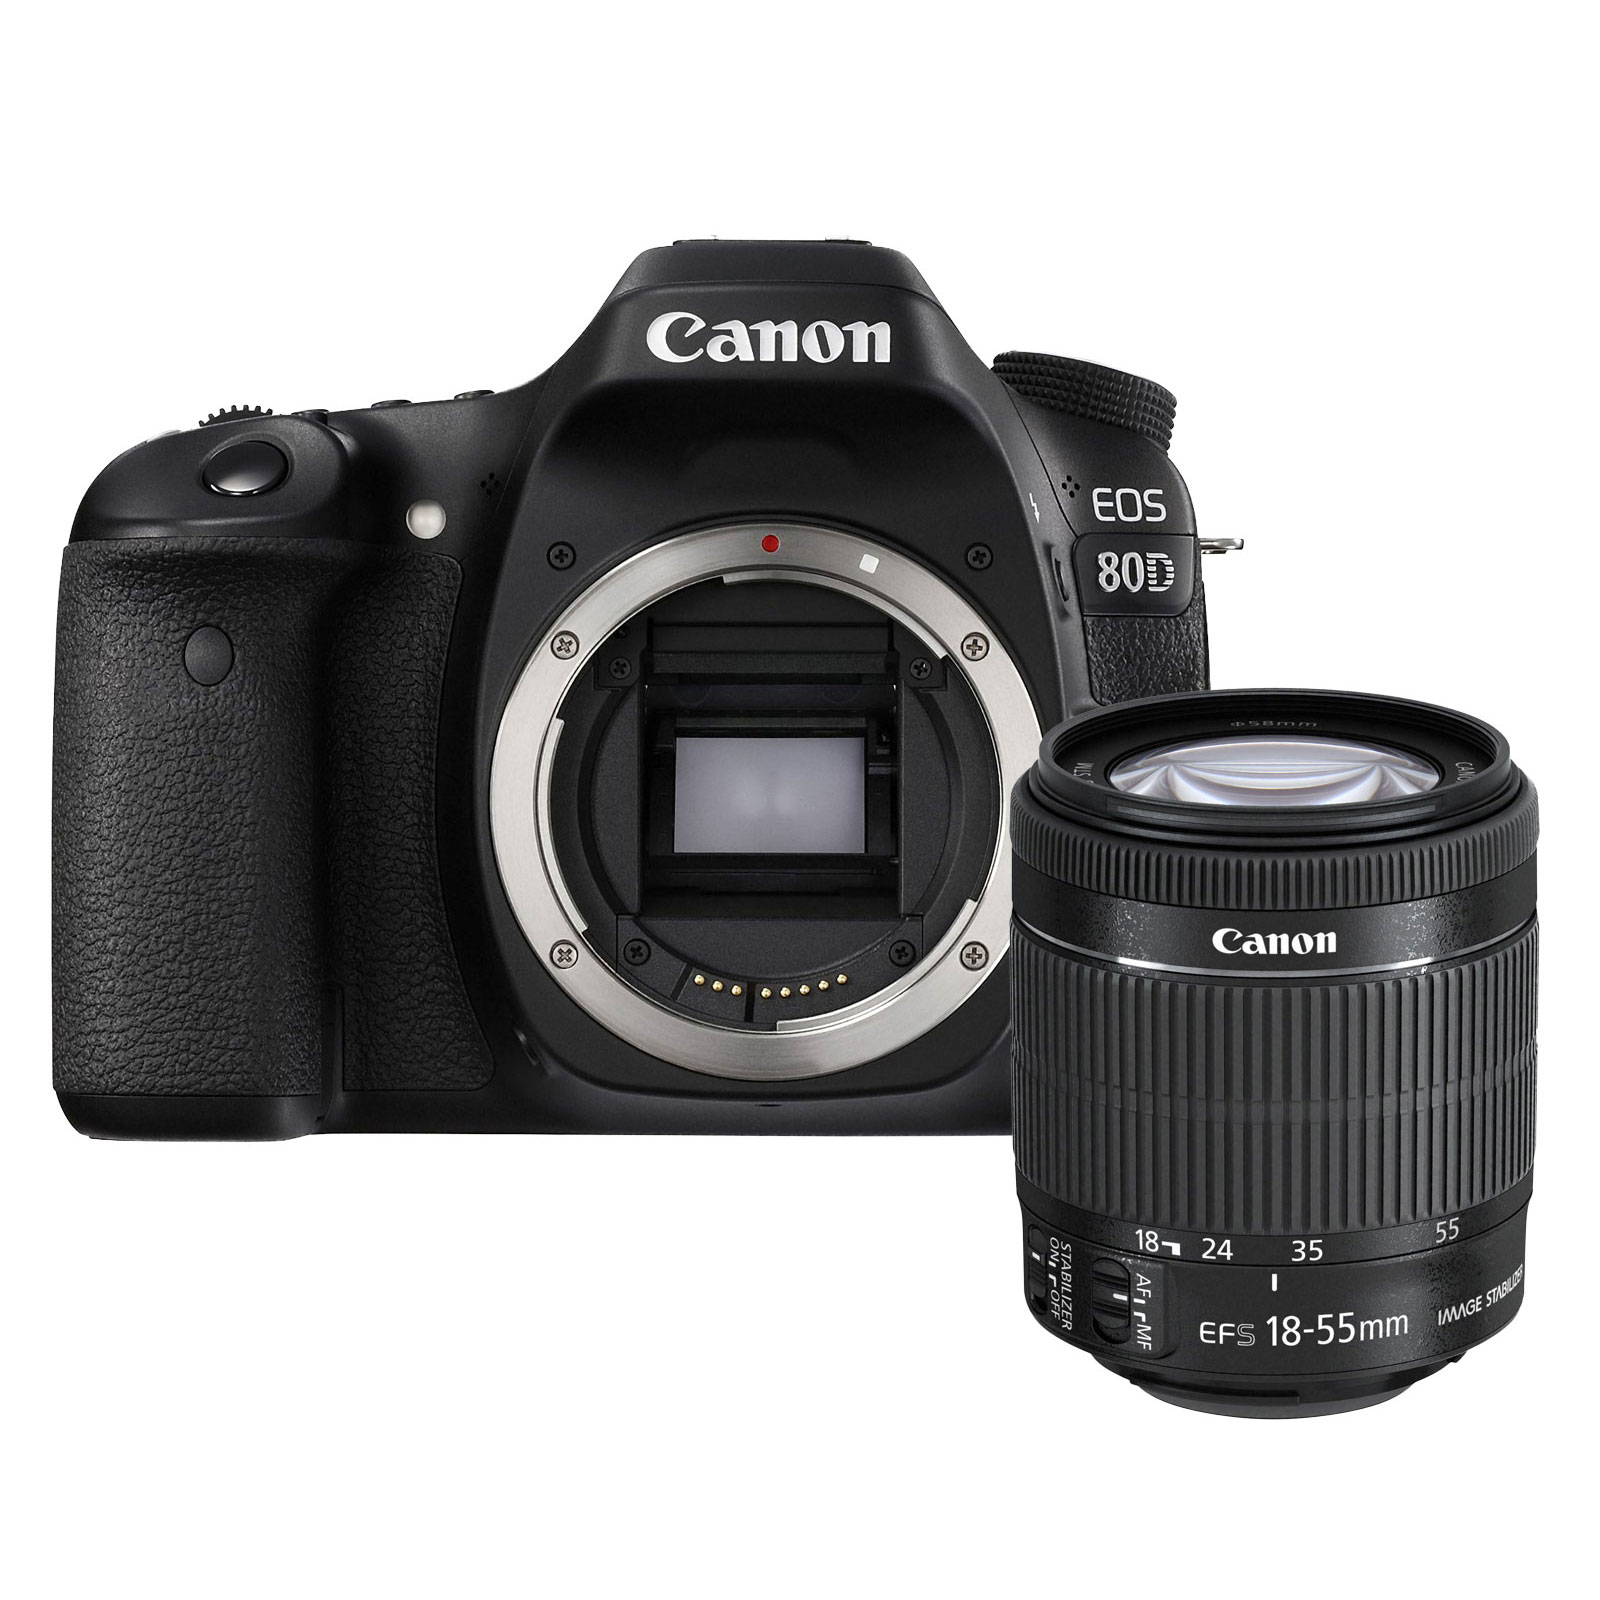 canon eos 80d ef s 18 55mm f 3 5 5 6 is stm appareil photo reflex canon sur. Black Bedroom Furniture Sets. Home Design Ideas